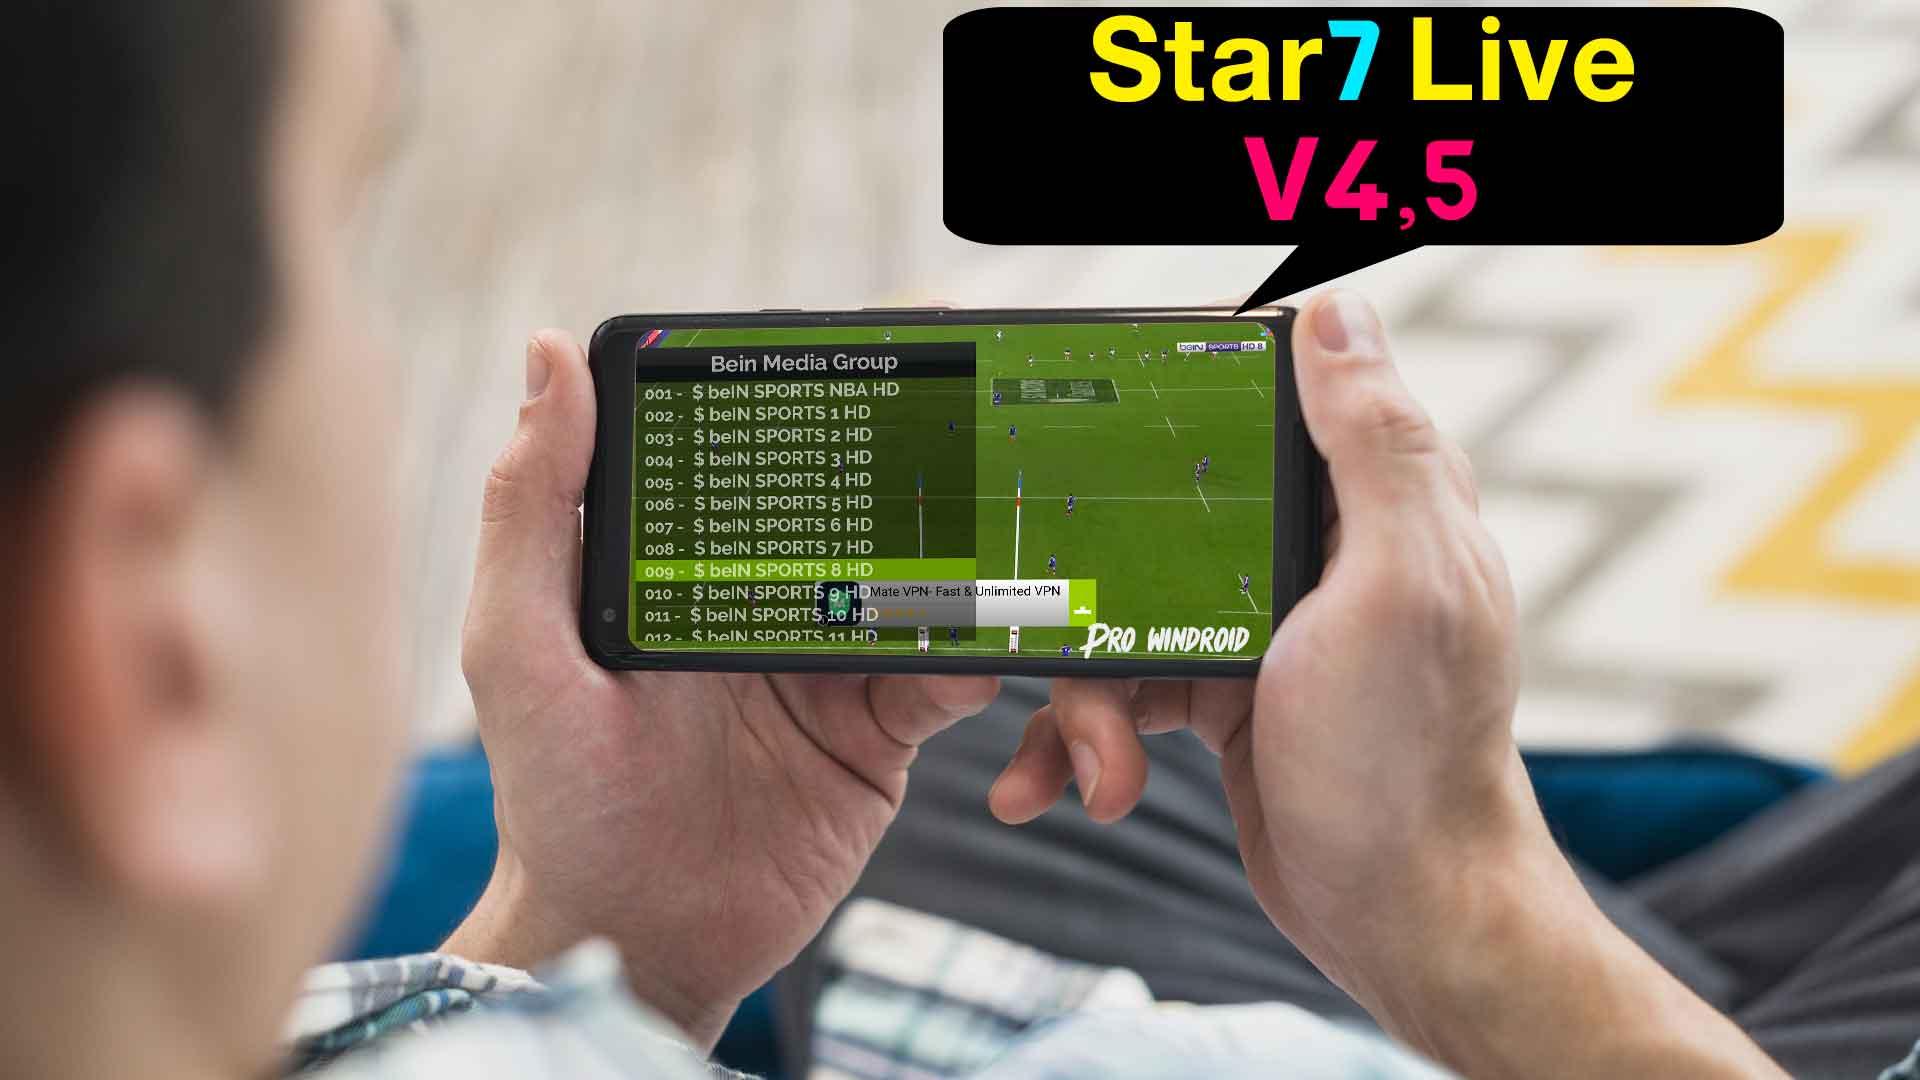 star7 live v4.5